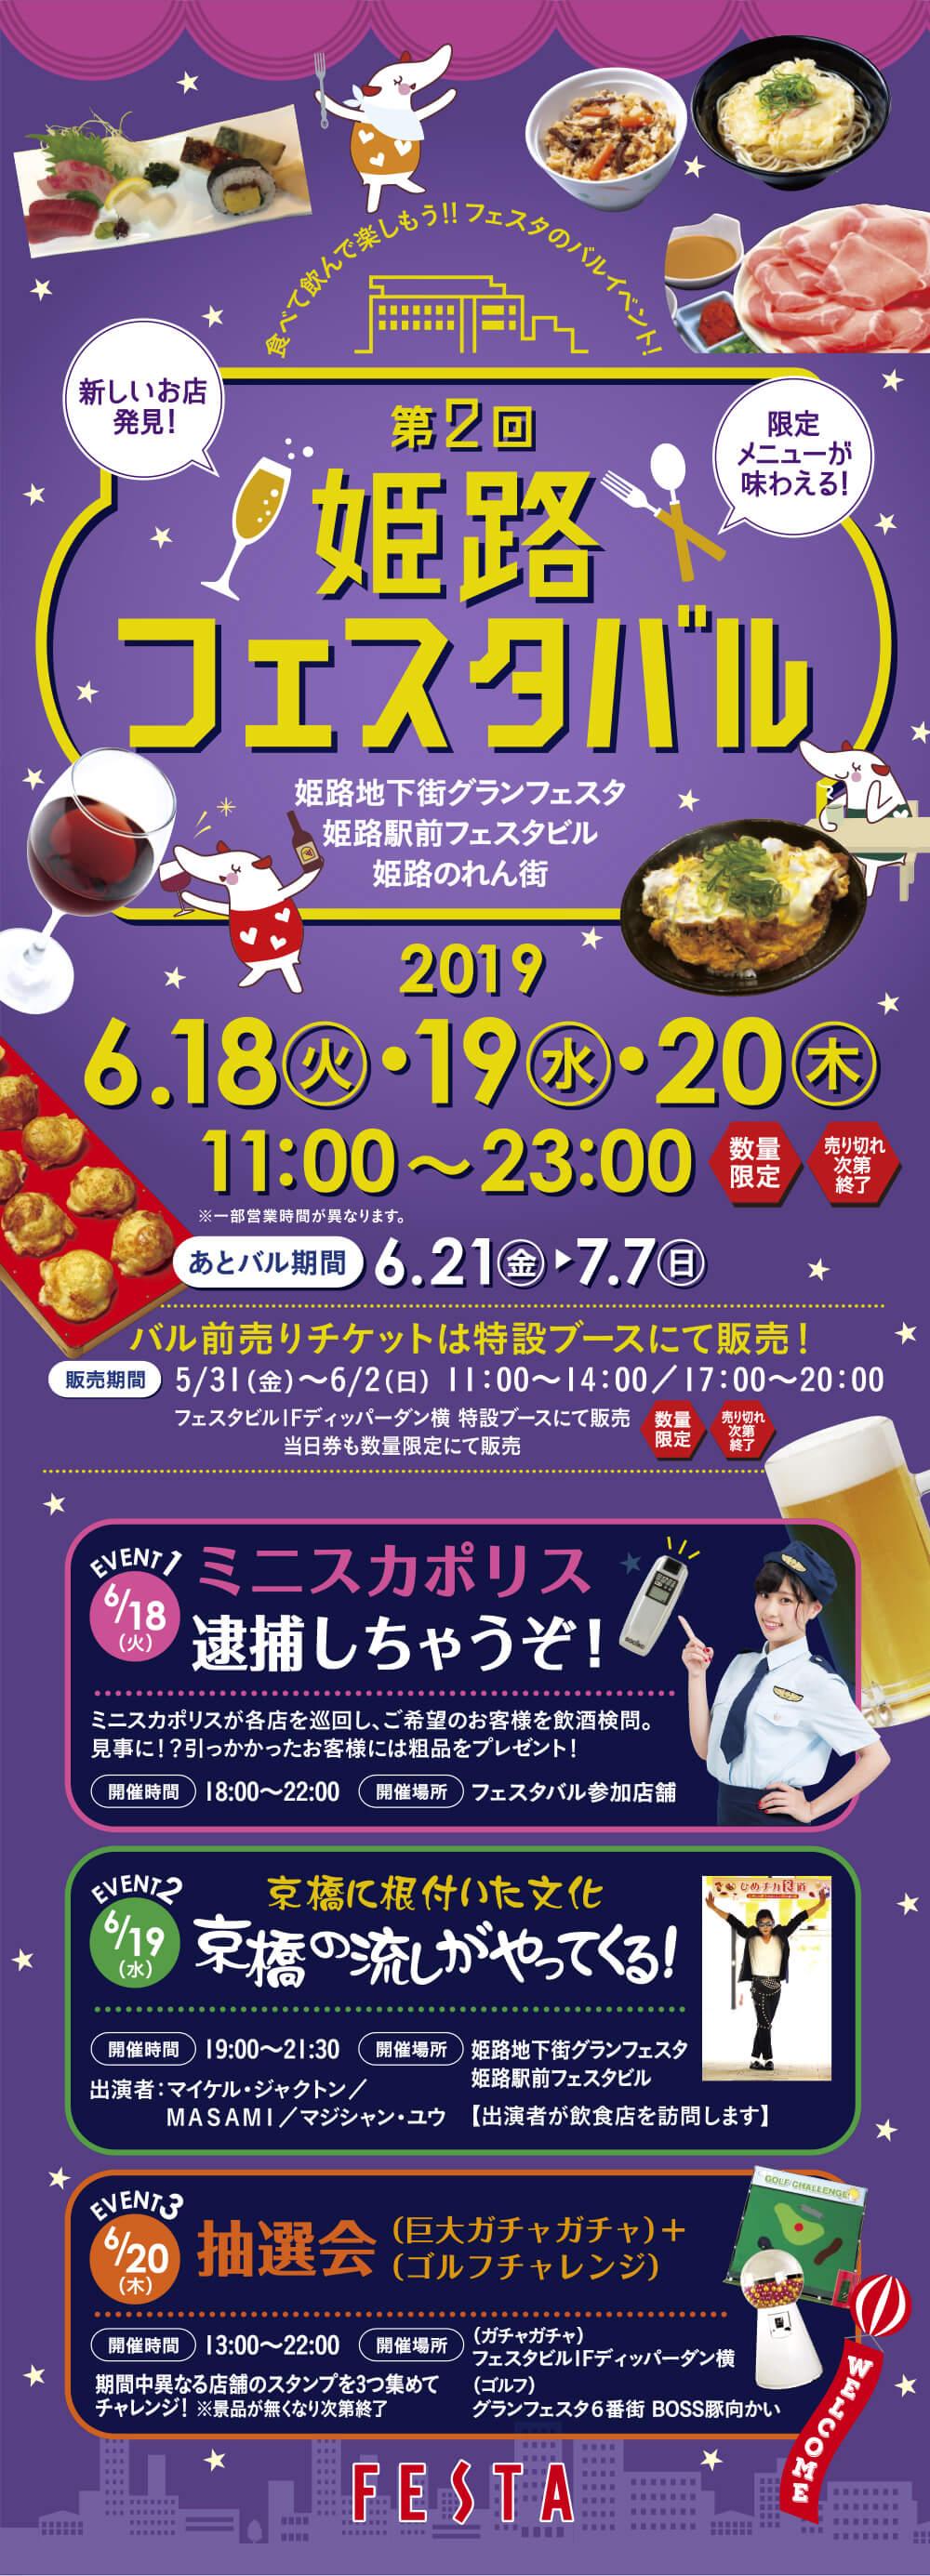 第2回姫路フェスタバル開催